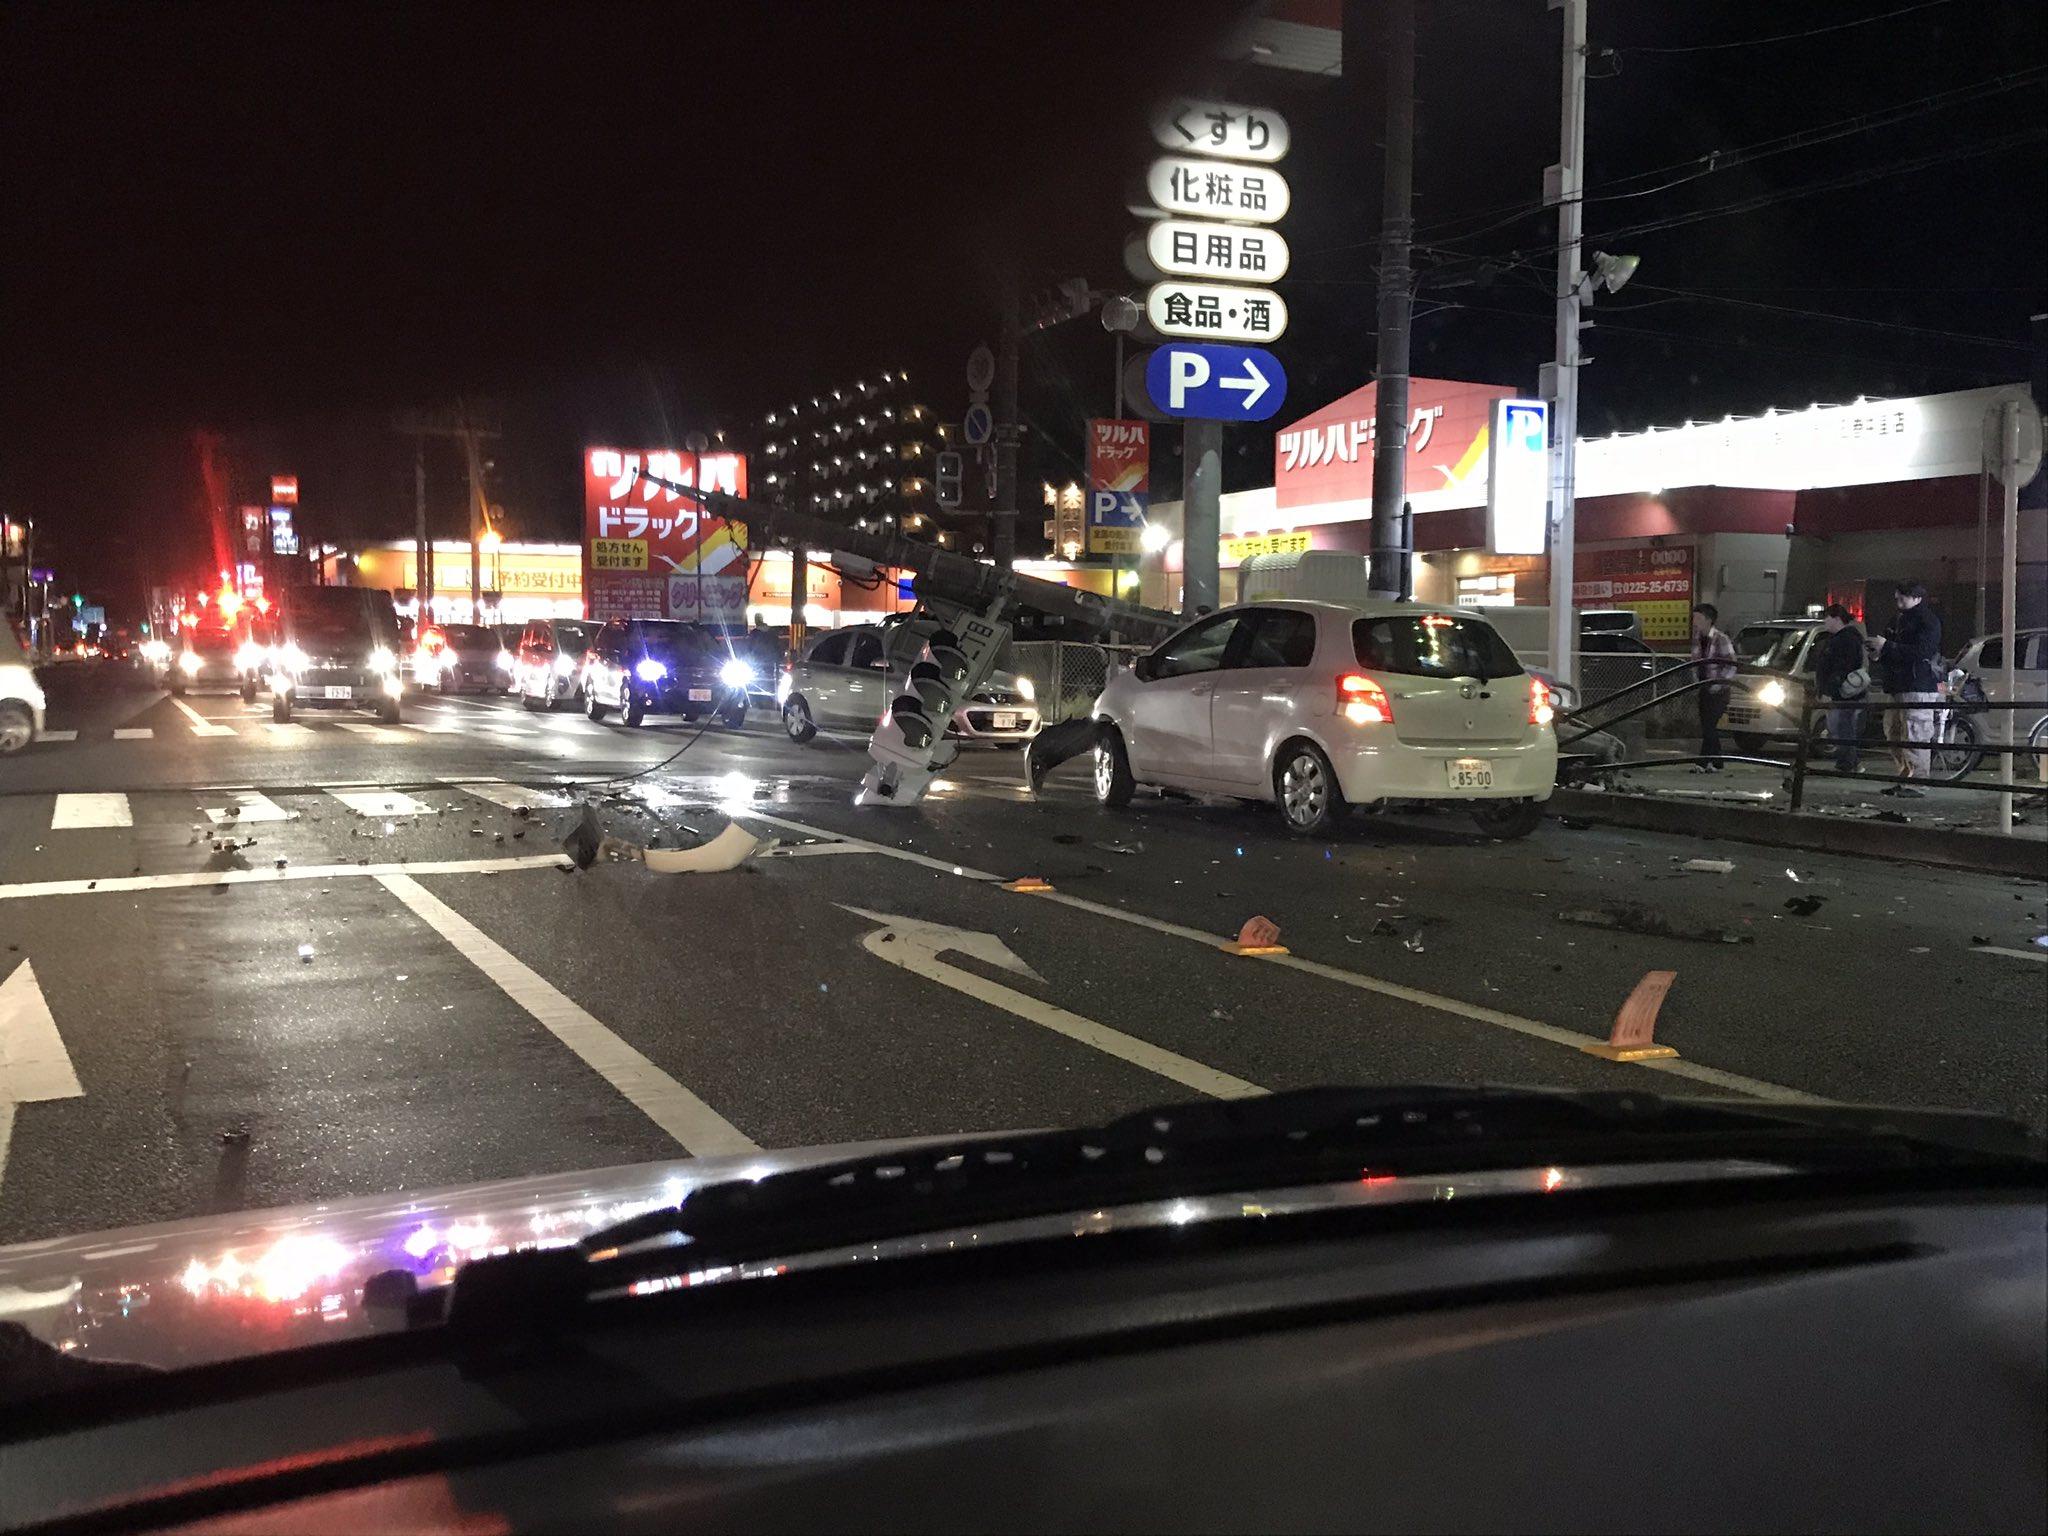 石巻市中里の交差点で乗用車が信号機に突っ込んでいる事故現場の画像